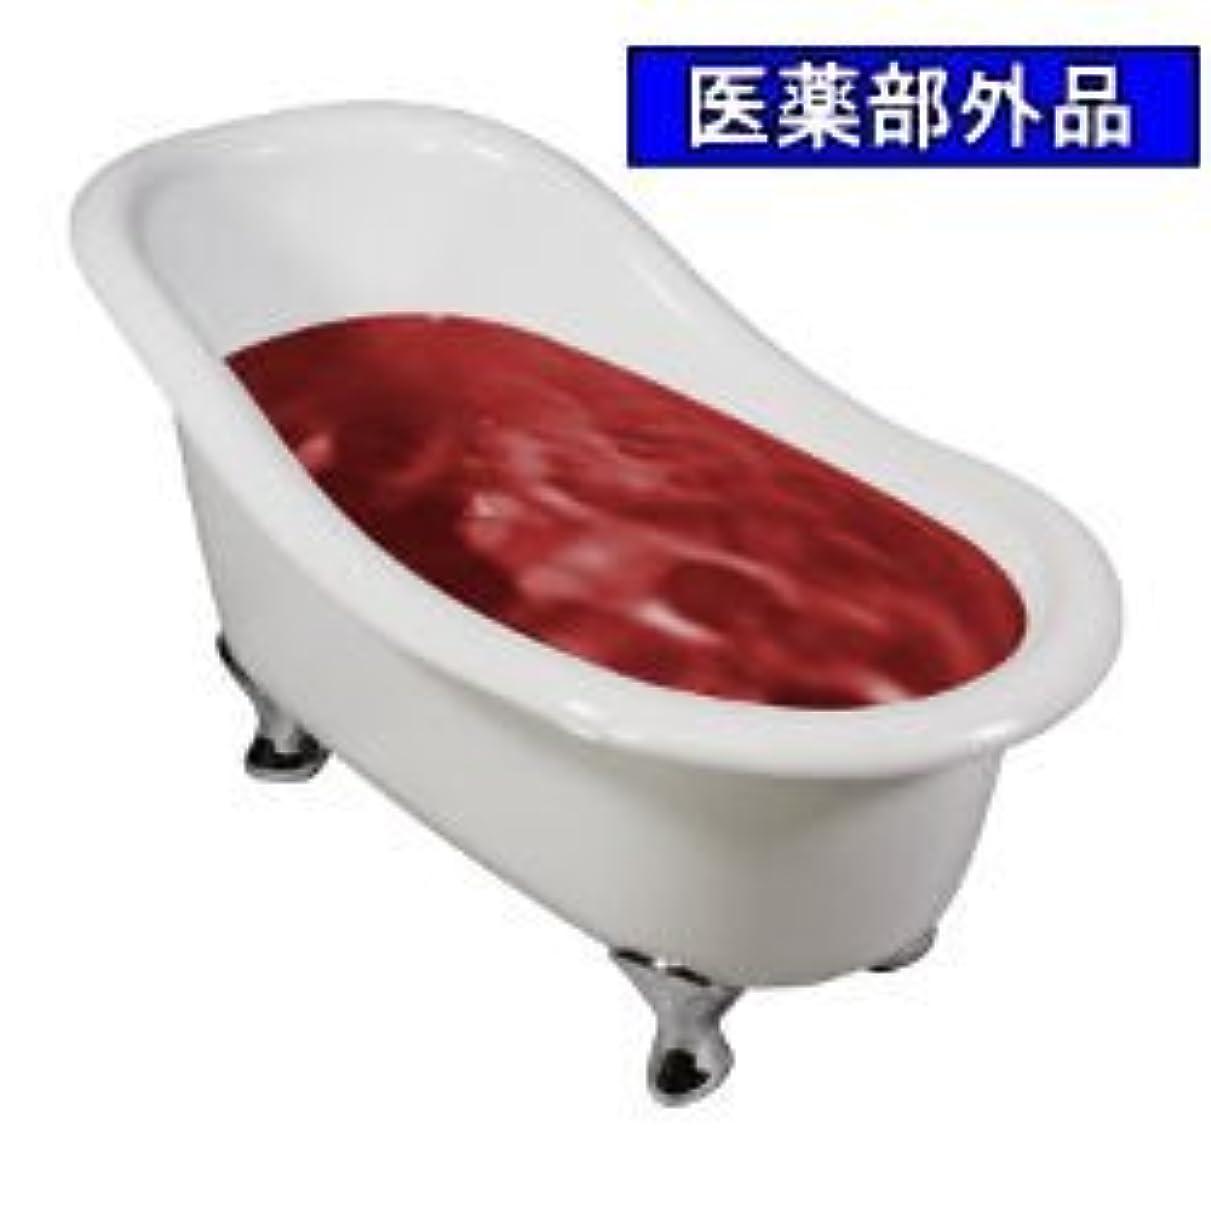 思い出免除する定規業務用薬用入浴剤バスフレンド 禄寿湯 17kg 医薬部外品